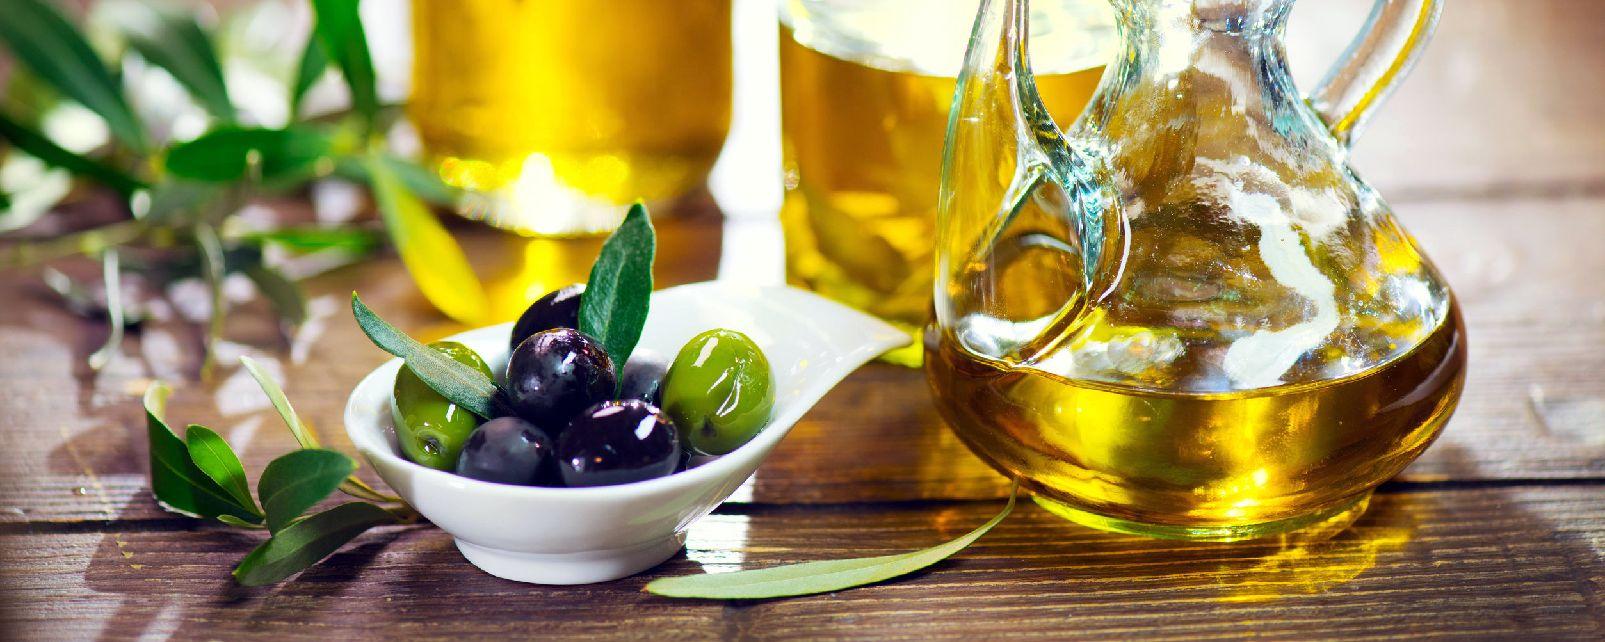 El aceite de oliva DOC de Nimes , La Picholine de Nimes , Francia